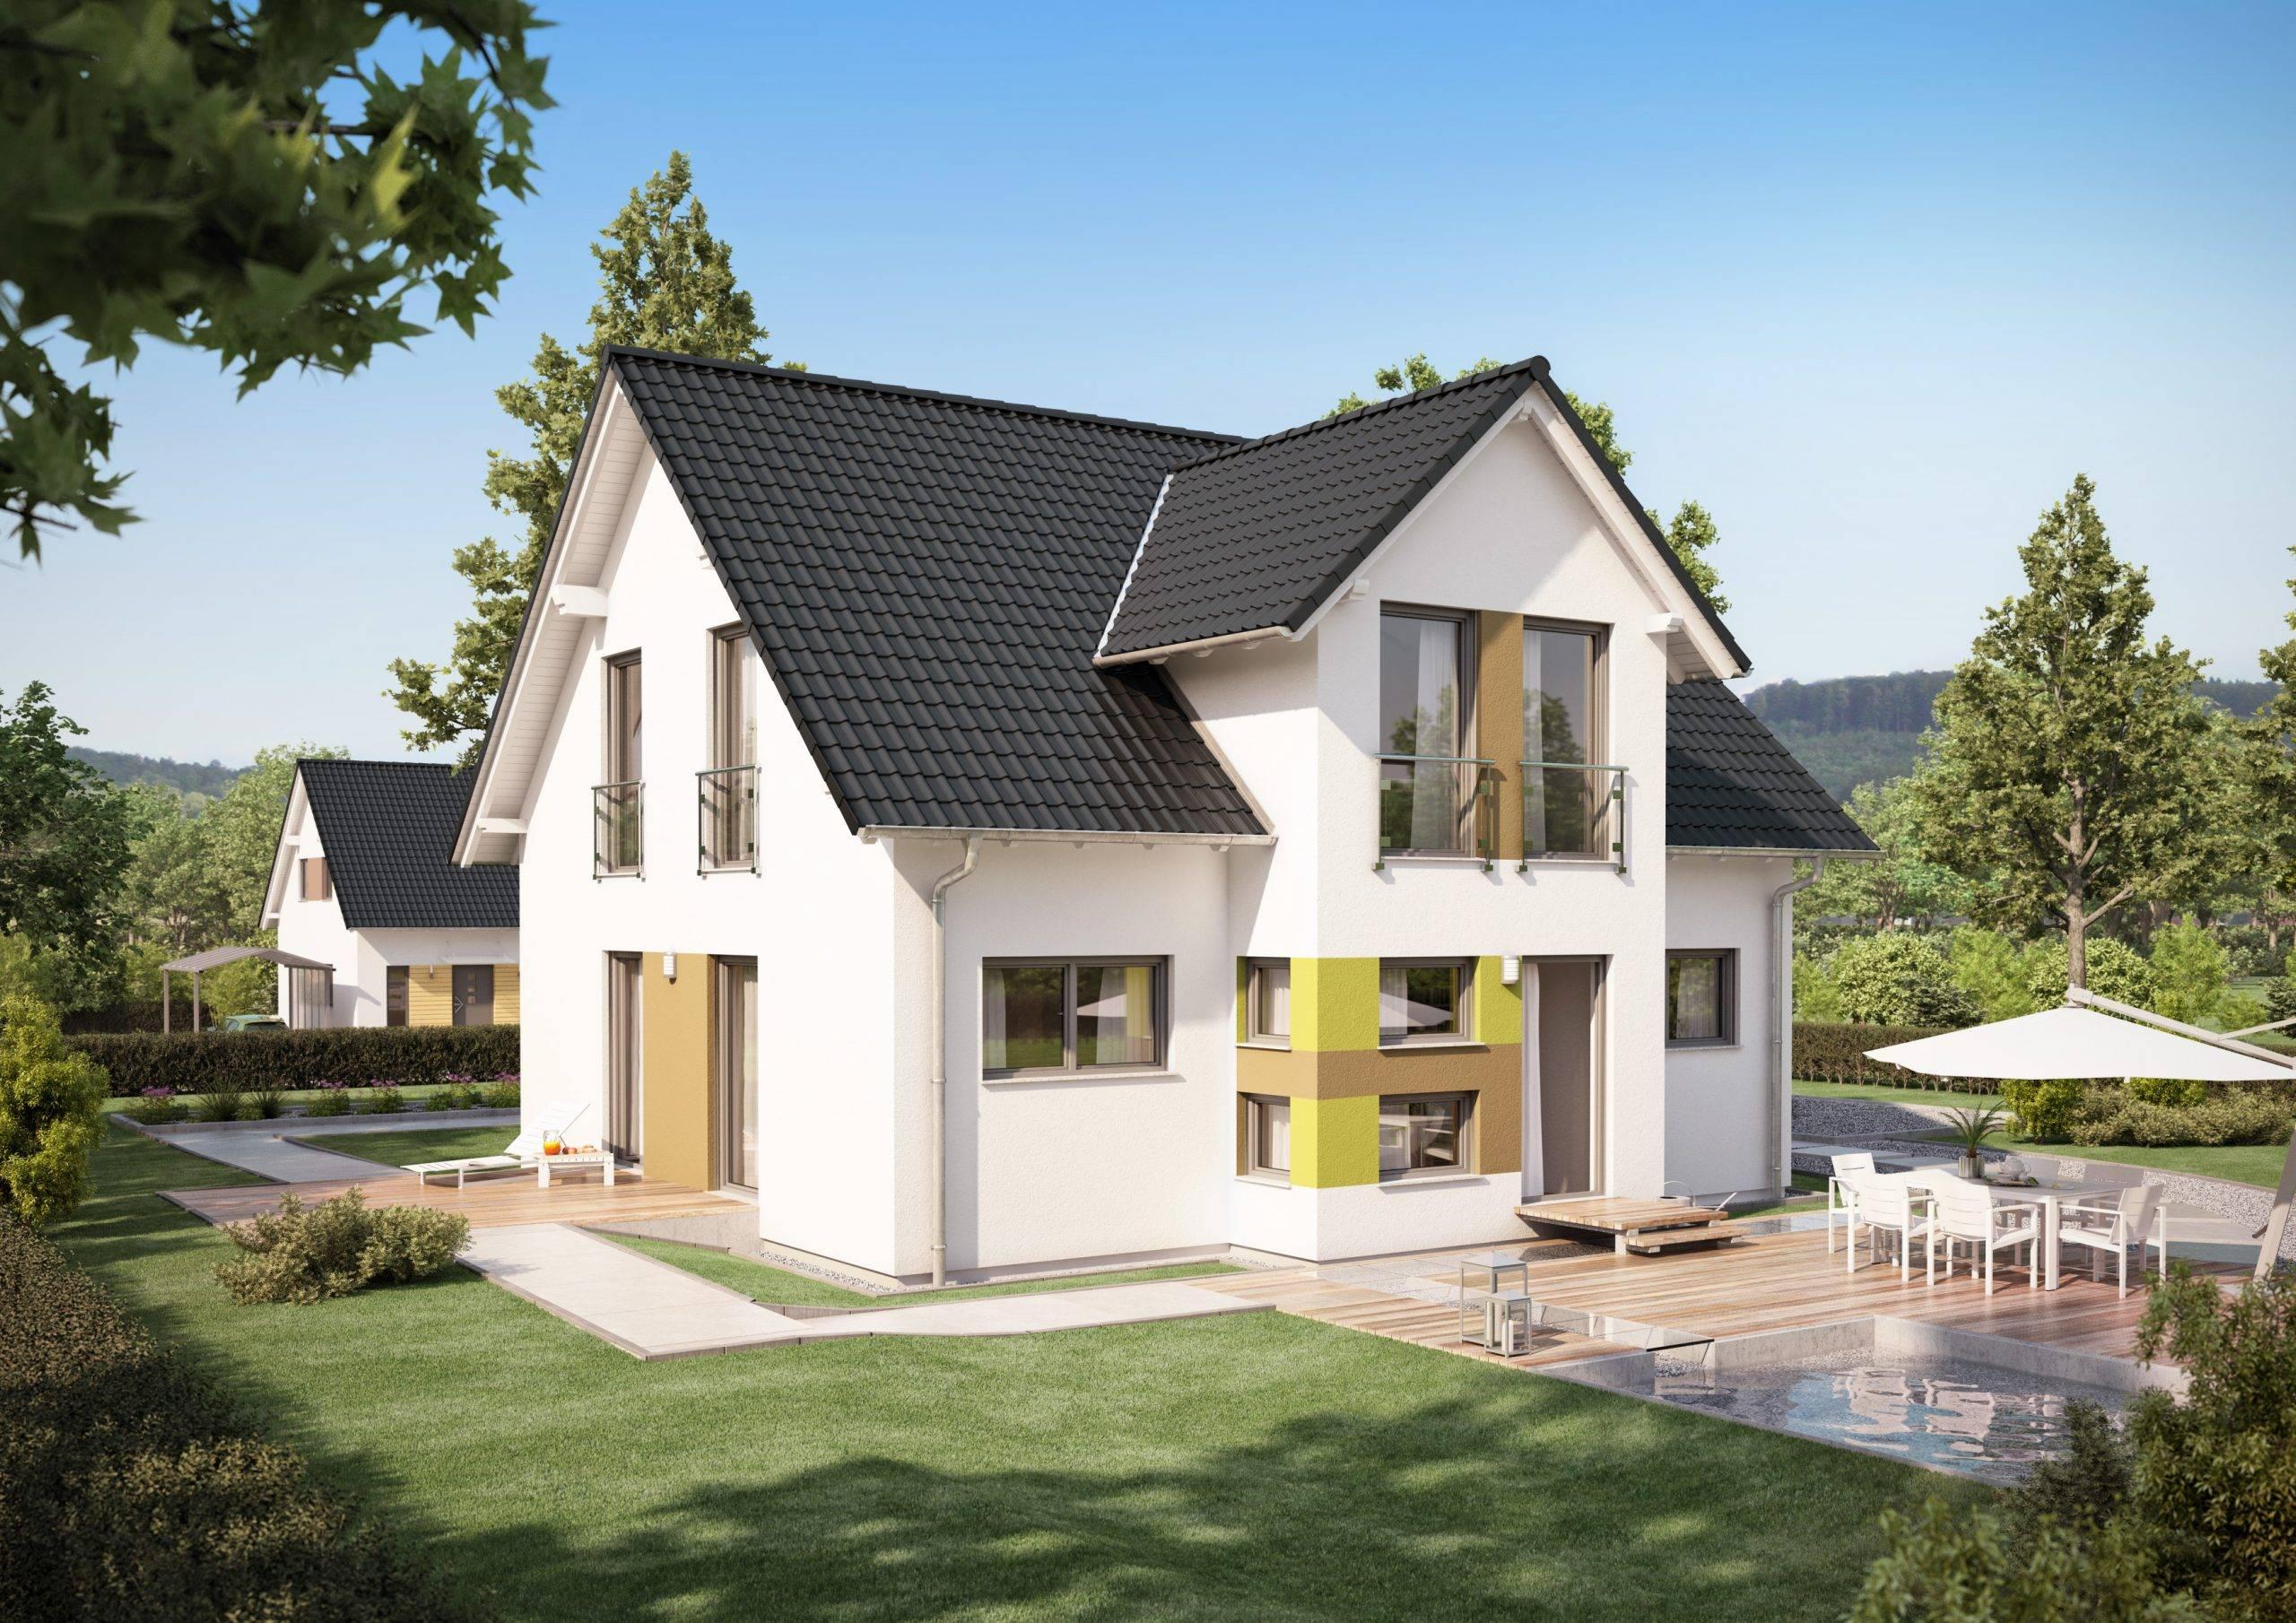 Польские проекты домов и коттеджей: специфика строительства